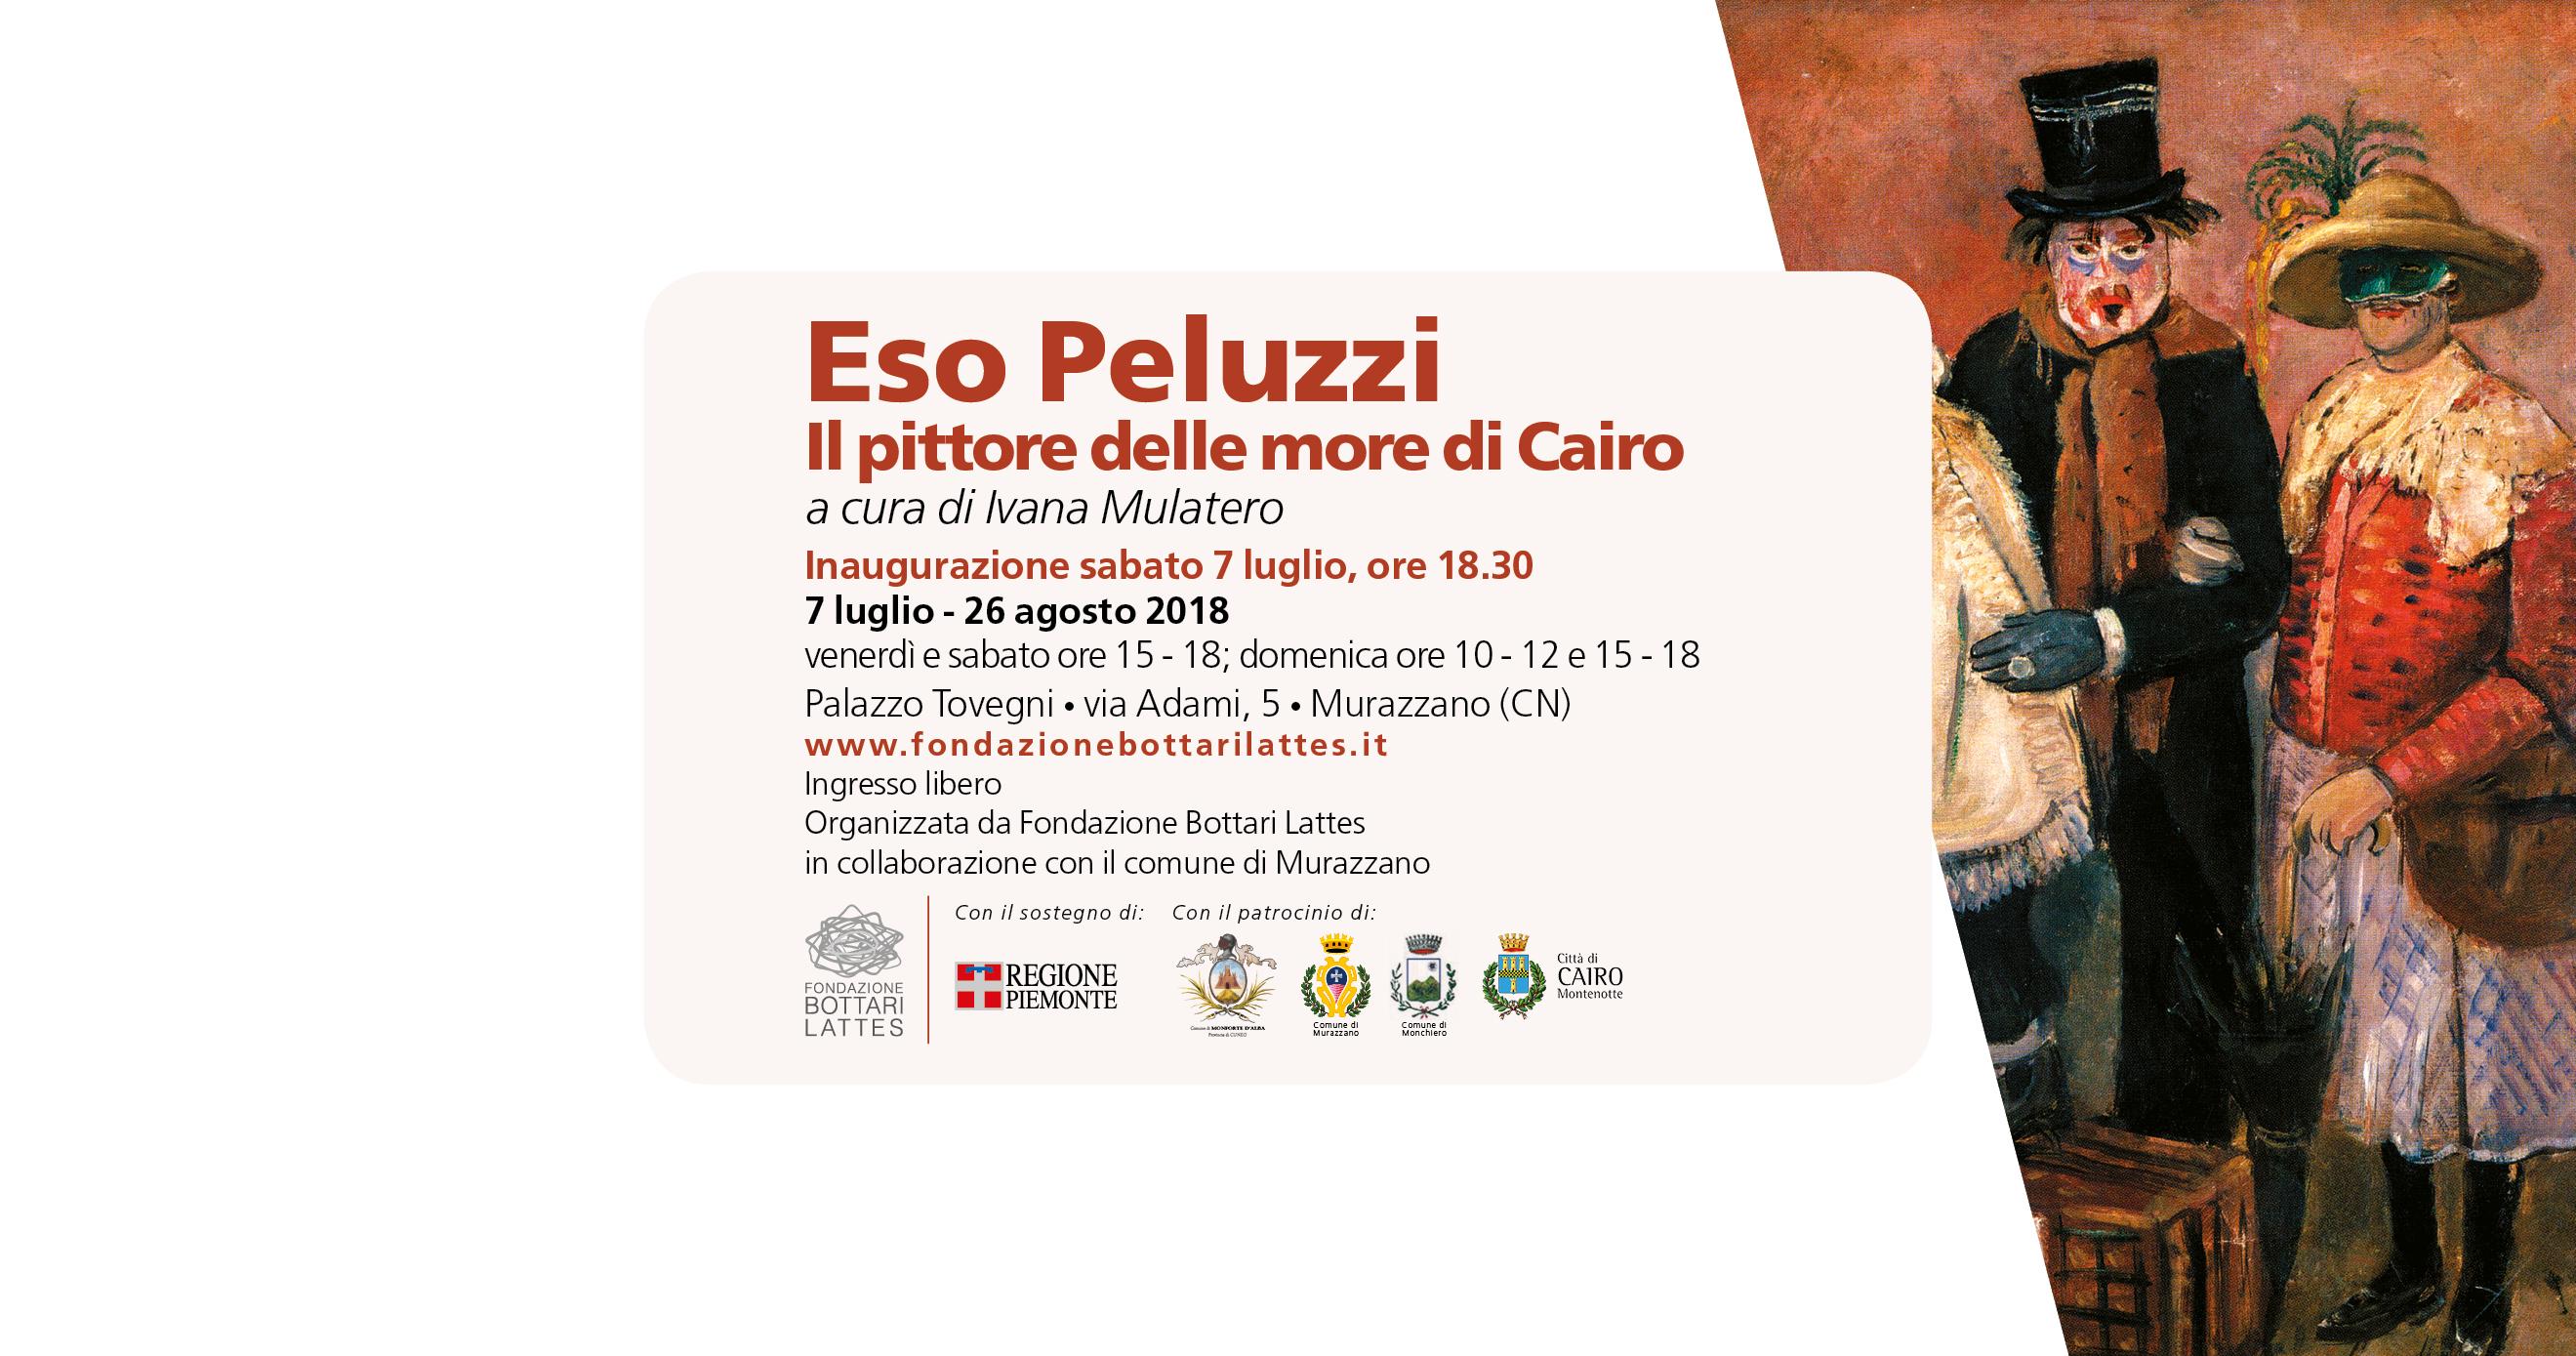 Mostra dedicata al pittore Eso Peluzzi (Palazzo Tovegni, Murazzano)